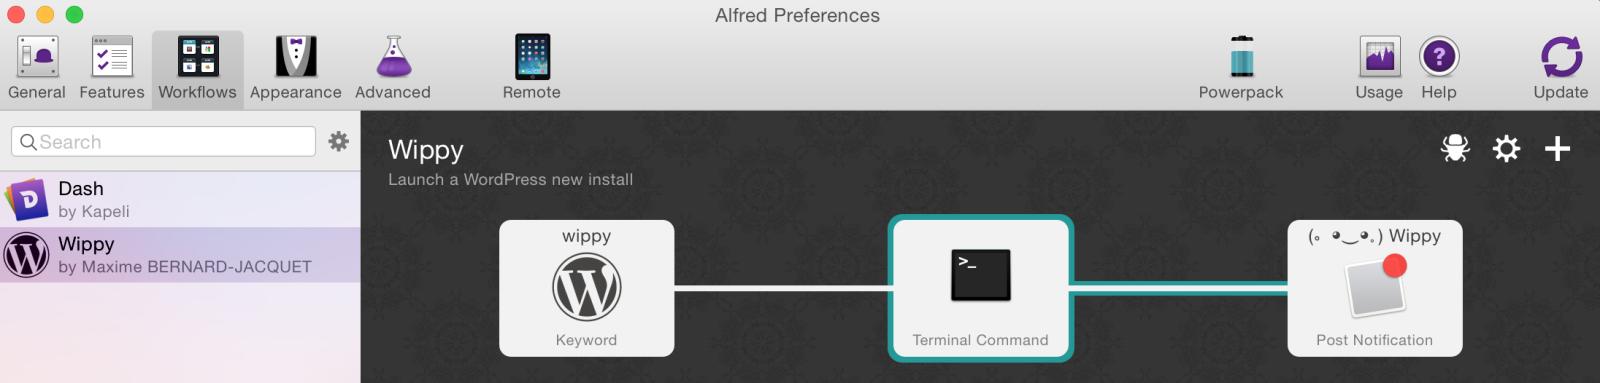 Créer un workflow Alfred